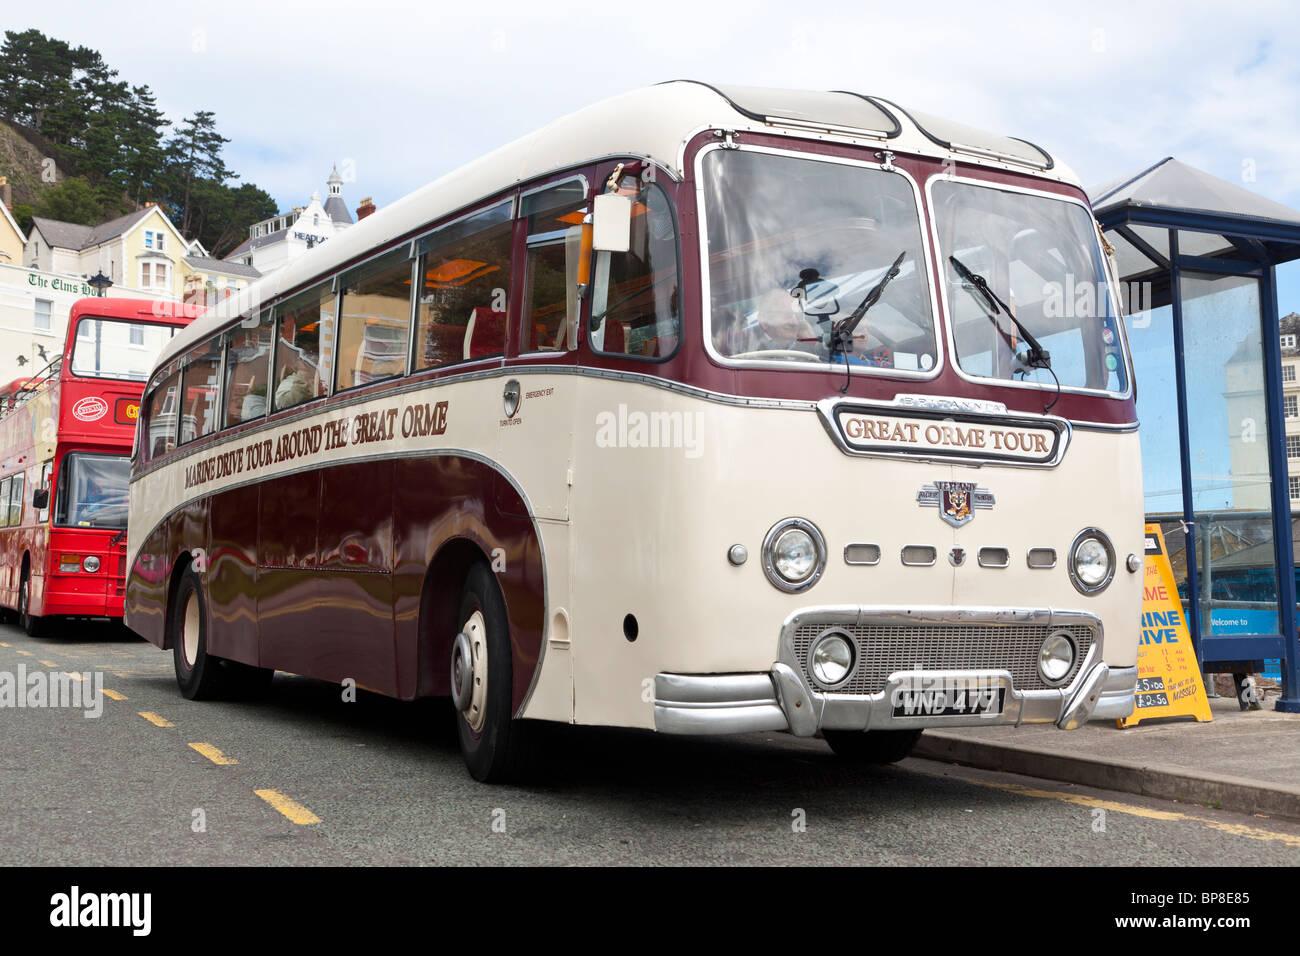 Visite de Great Orme, 1950 bus Leyland, Llandudno, au nord du Pays de Galles Photo Stock